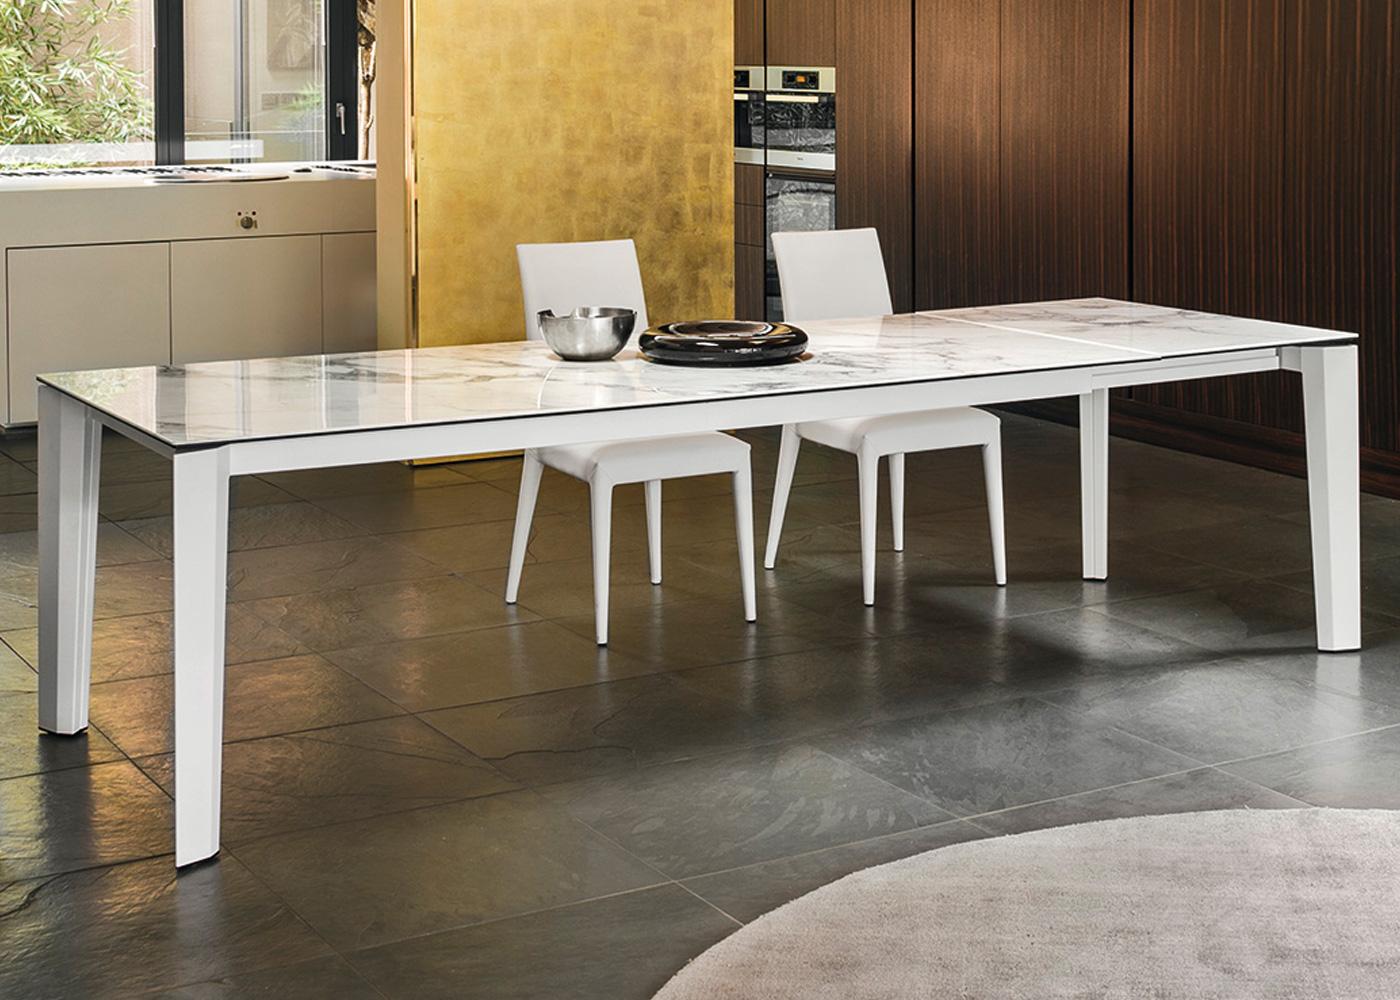 Calligaris Delta Table Medium Midfurn Furniture Superstore